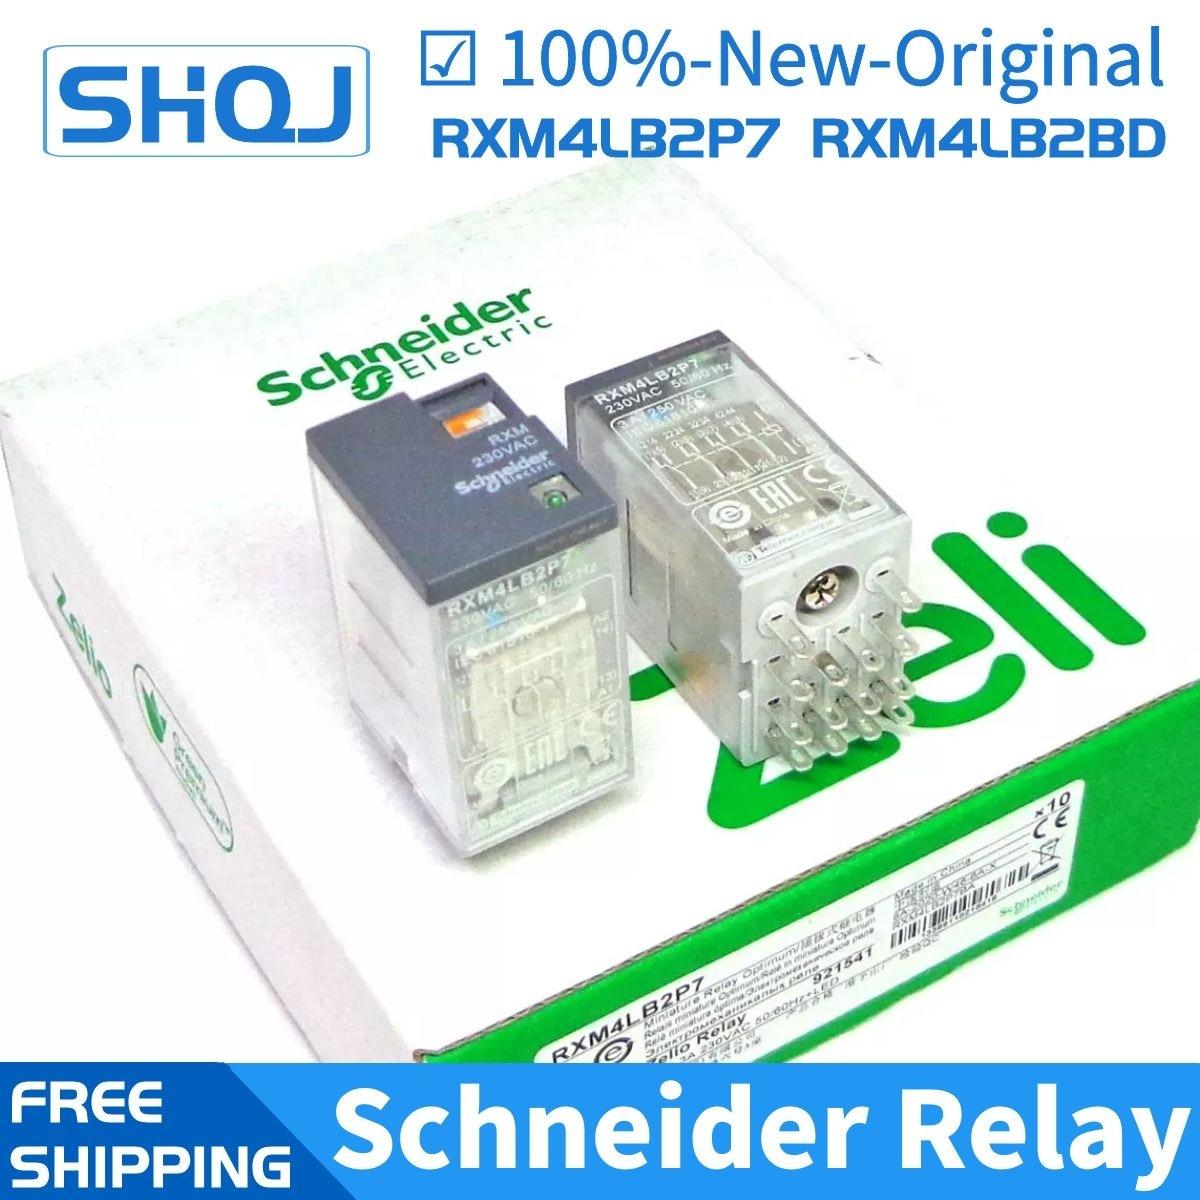 10 قطعة شنايدر التتابع RXM4LB2BD RXM4LB2P7 RXM4LB2F7 RXZE1M4C 4CO 3A 24VDC 230VAC 120VAC العلامة التجارية جديد ومبتكرة شنايدر التتابع